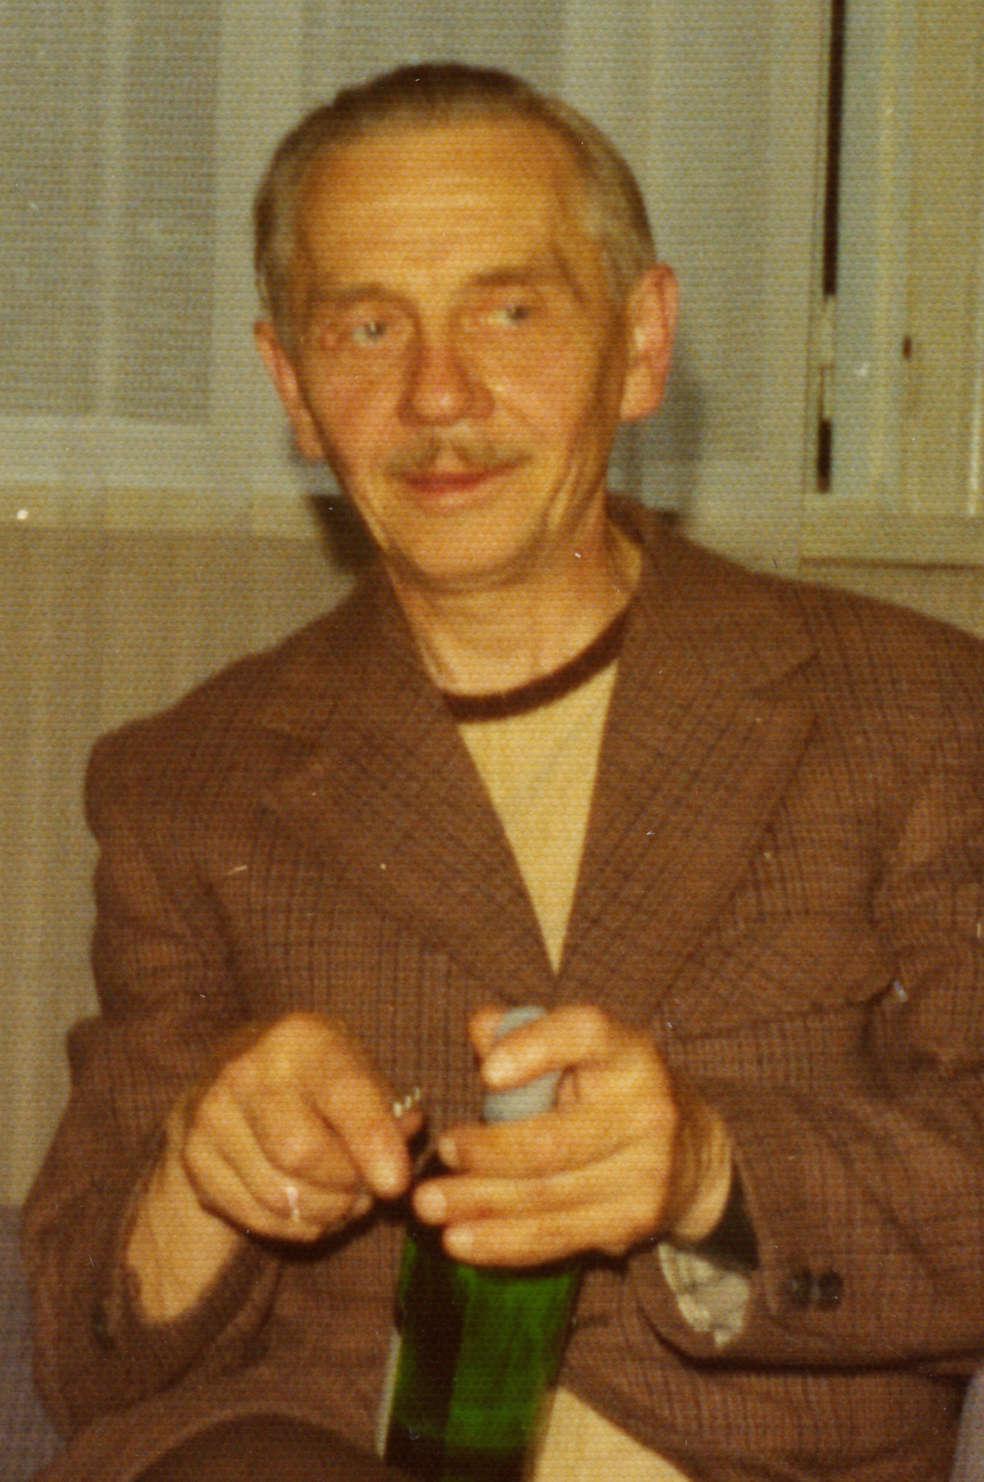 Helmut Tarand